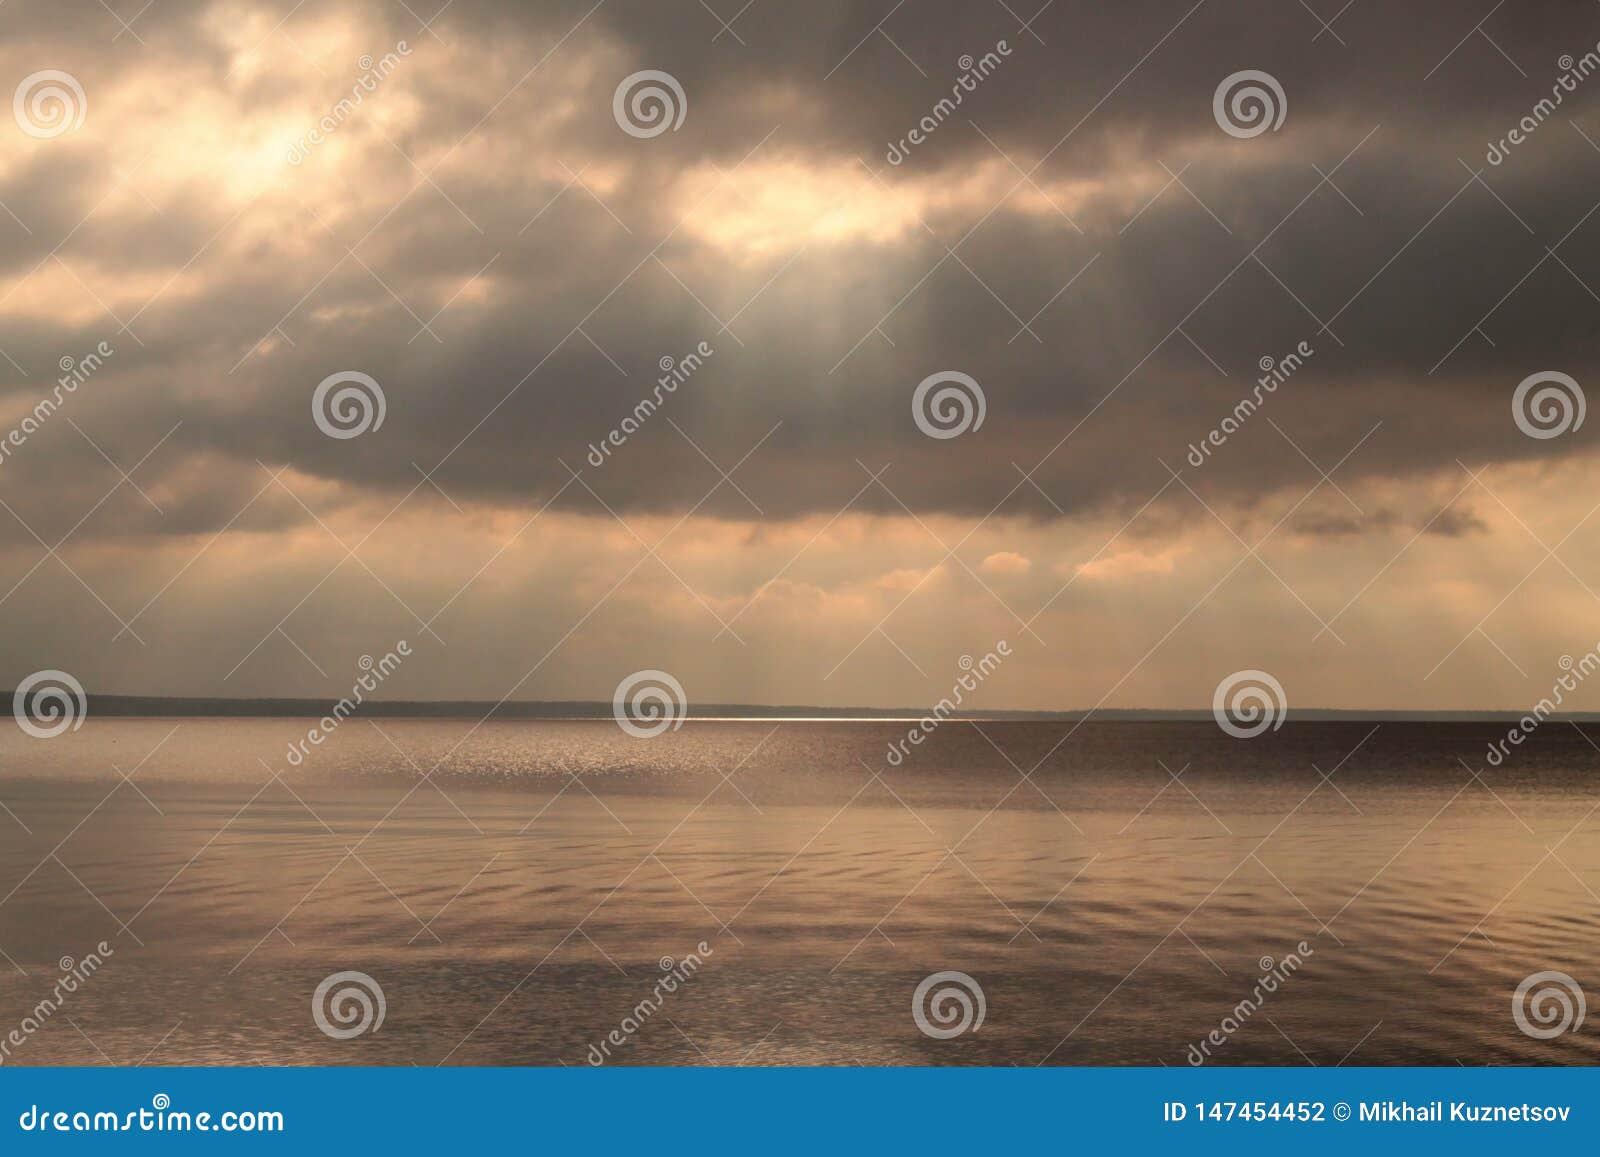 Raios de sol atrav?s das nuvens sobre o lago im?vel antes da chuva